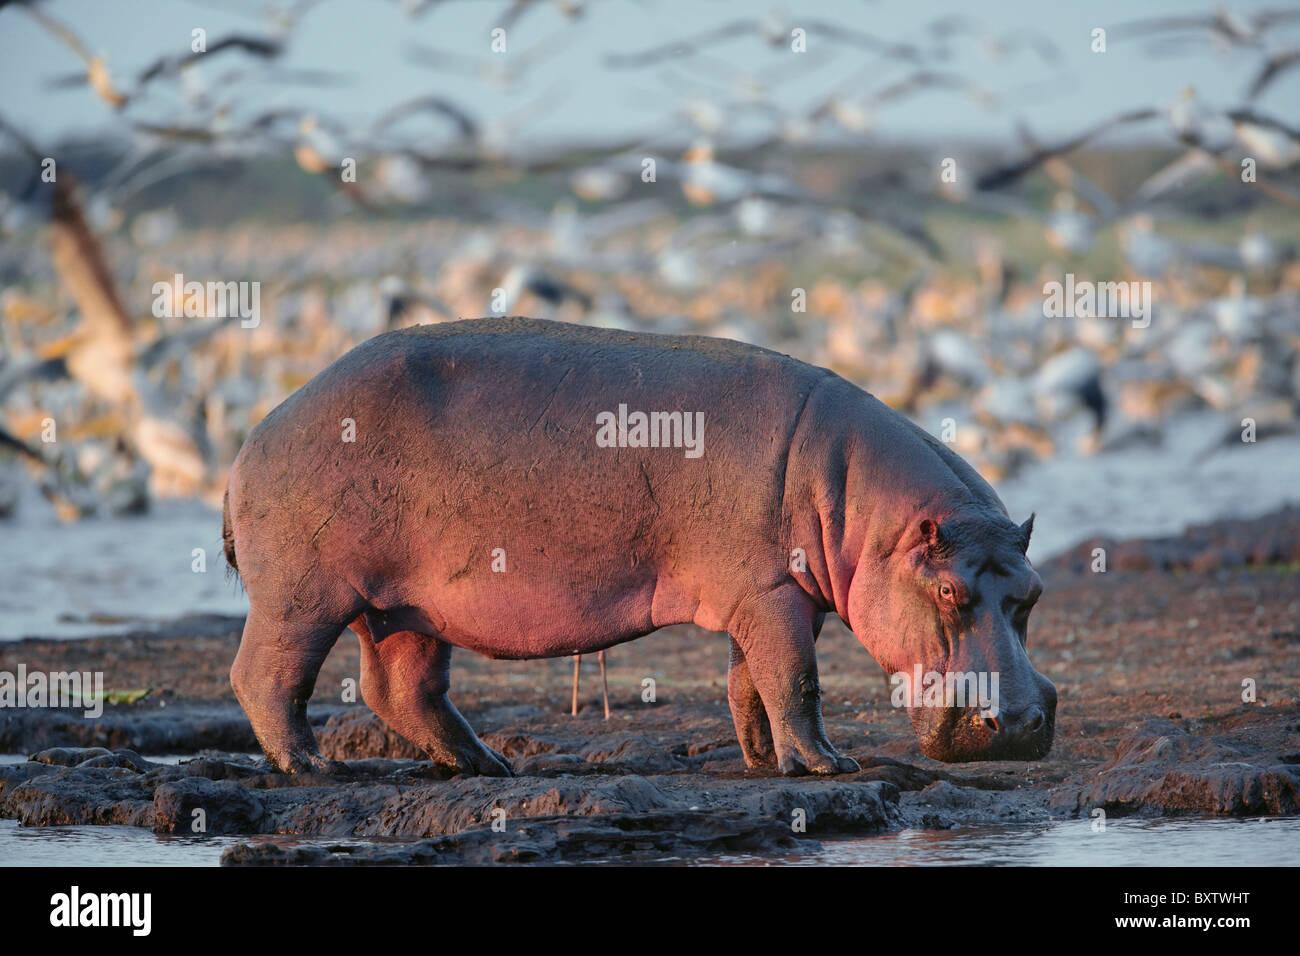 Hippopotamus,Hippopotamus amphibius; Lake Manyara; Lake Manyara National Park; Tanzania, Africa - Stock Image